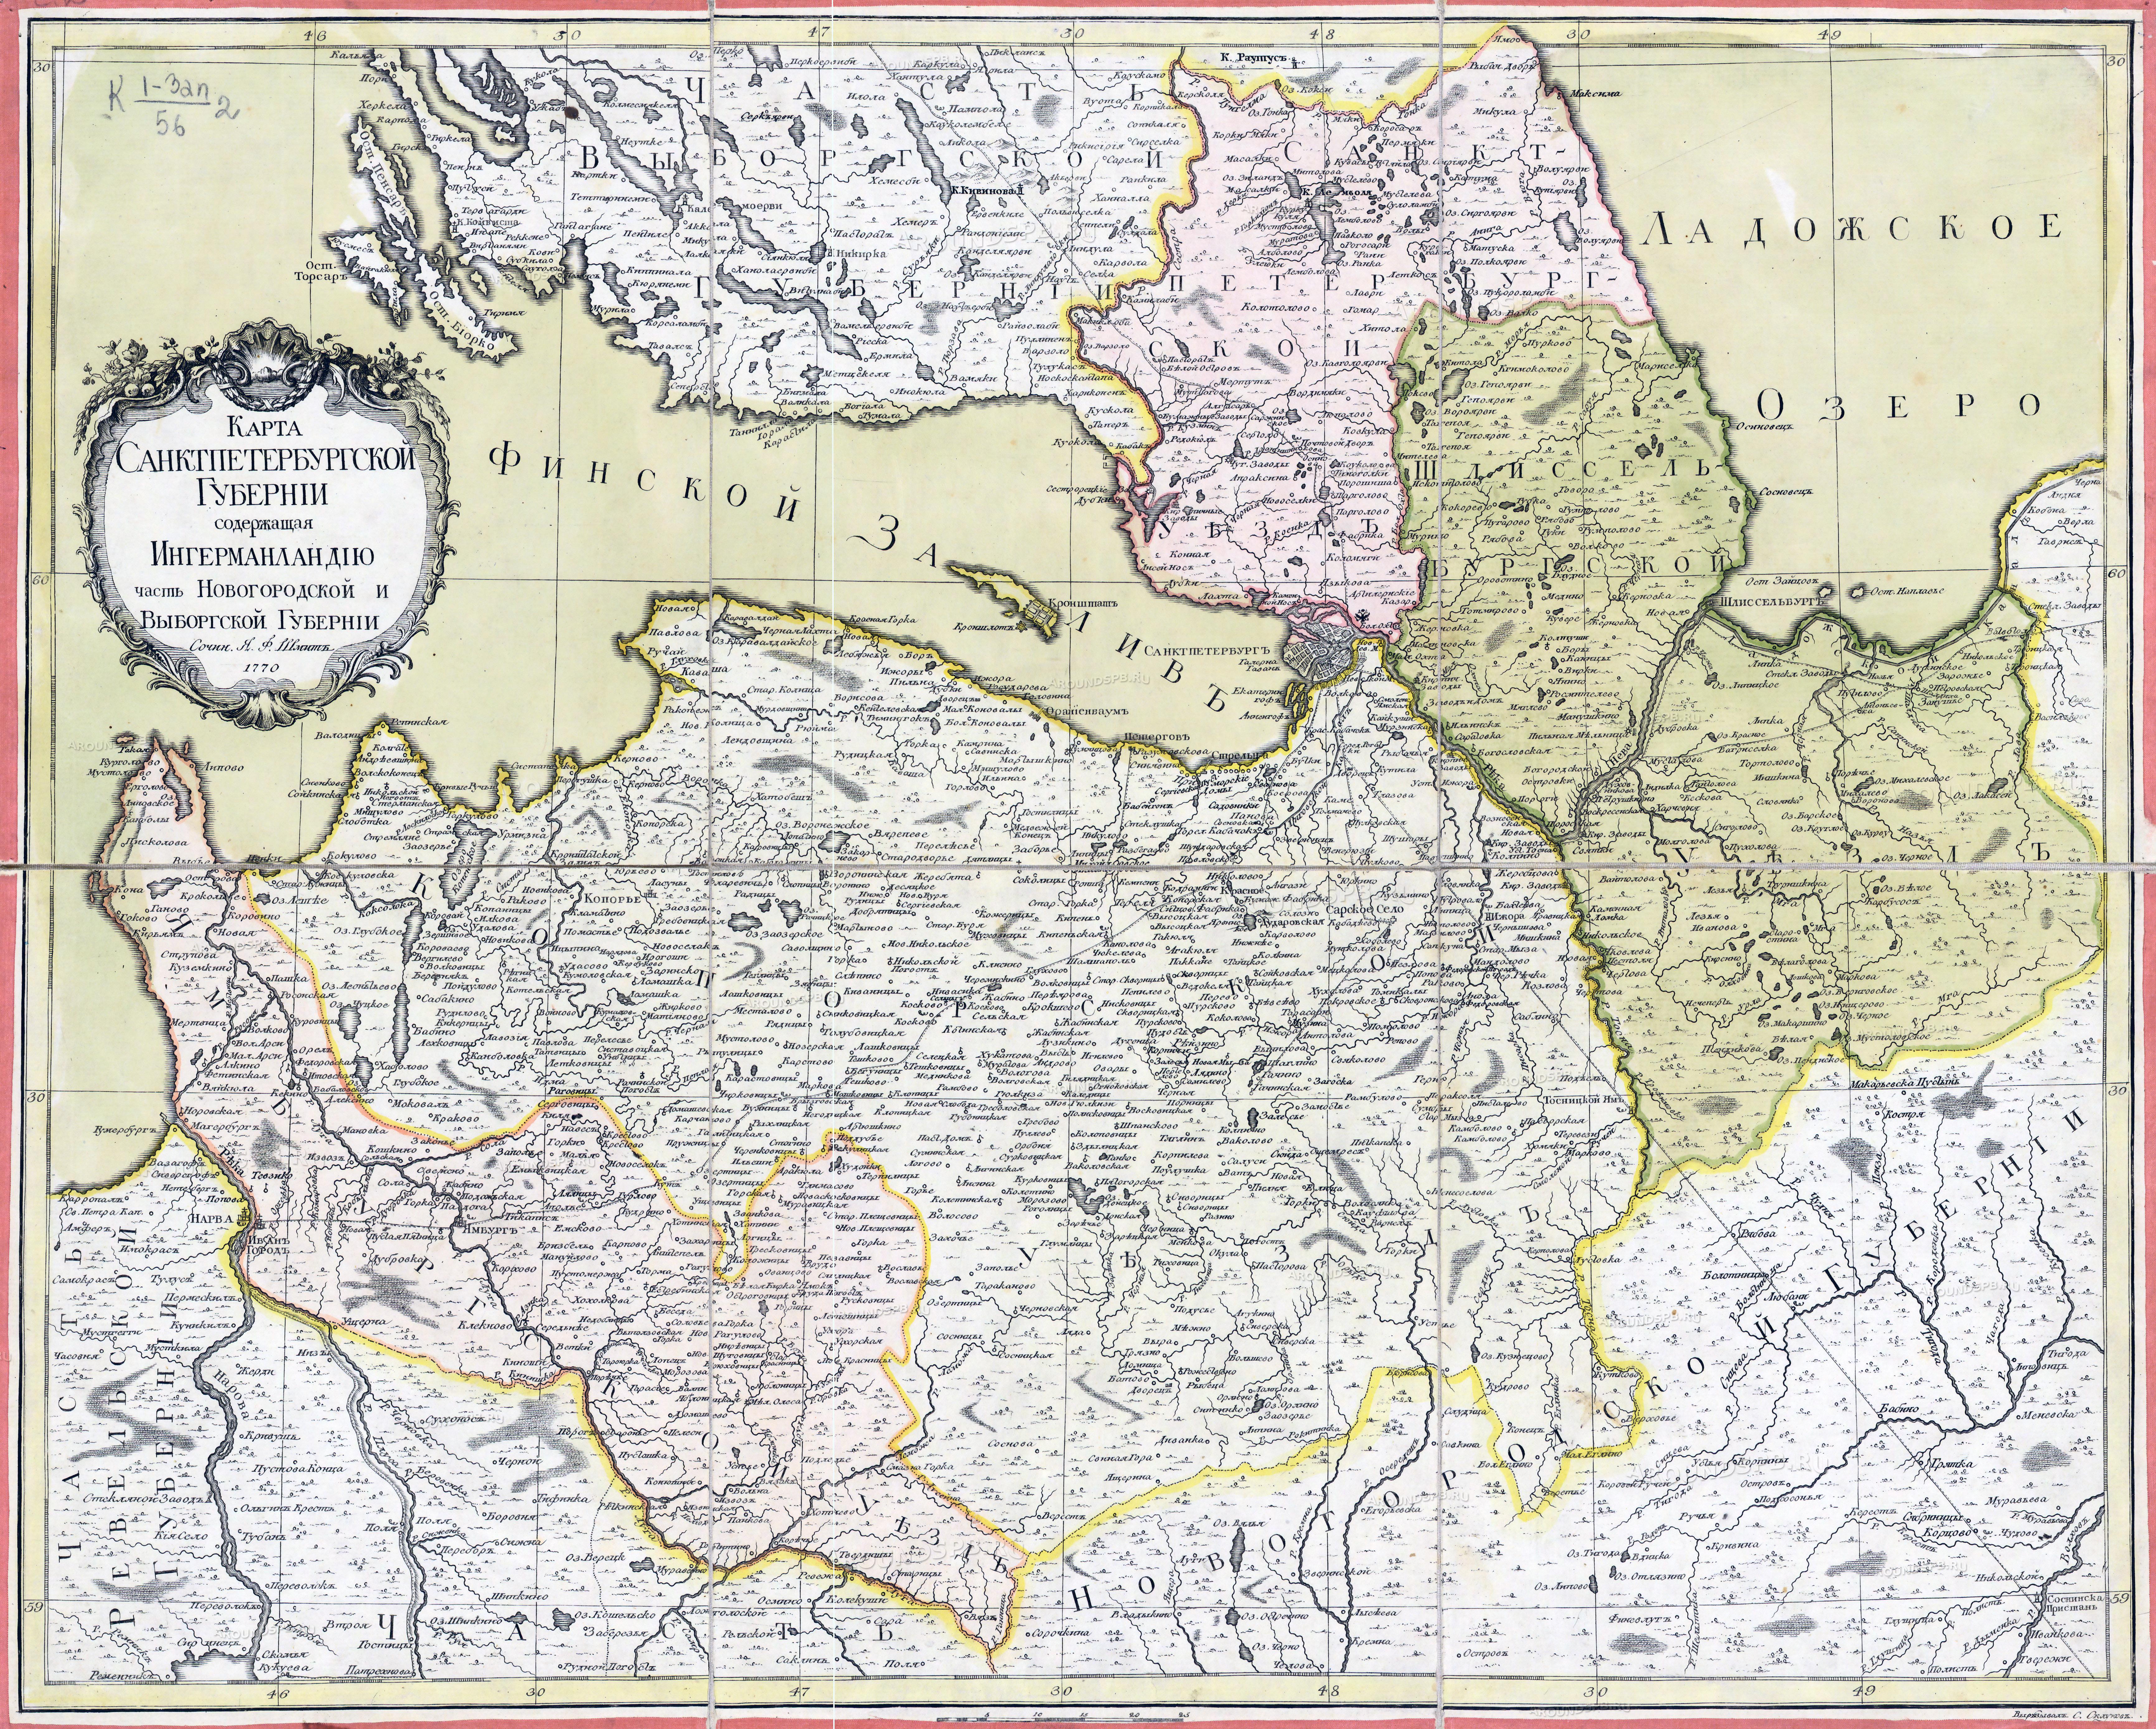 Окрестности Петербурга - Карты местности  Санкт-Петербург ... 10241f1b5b9